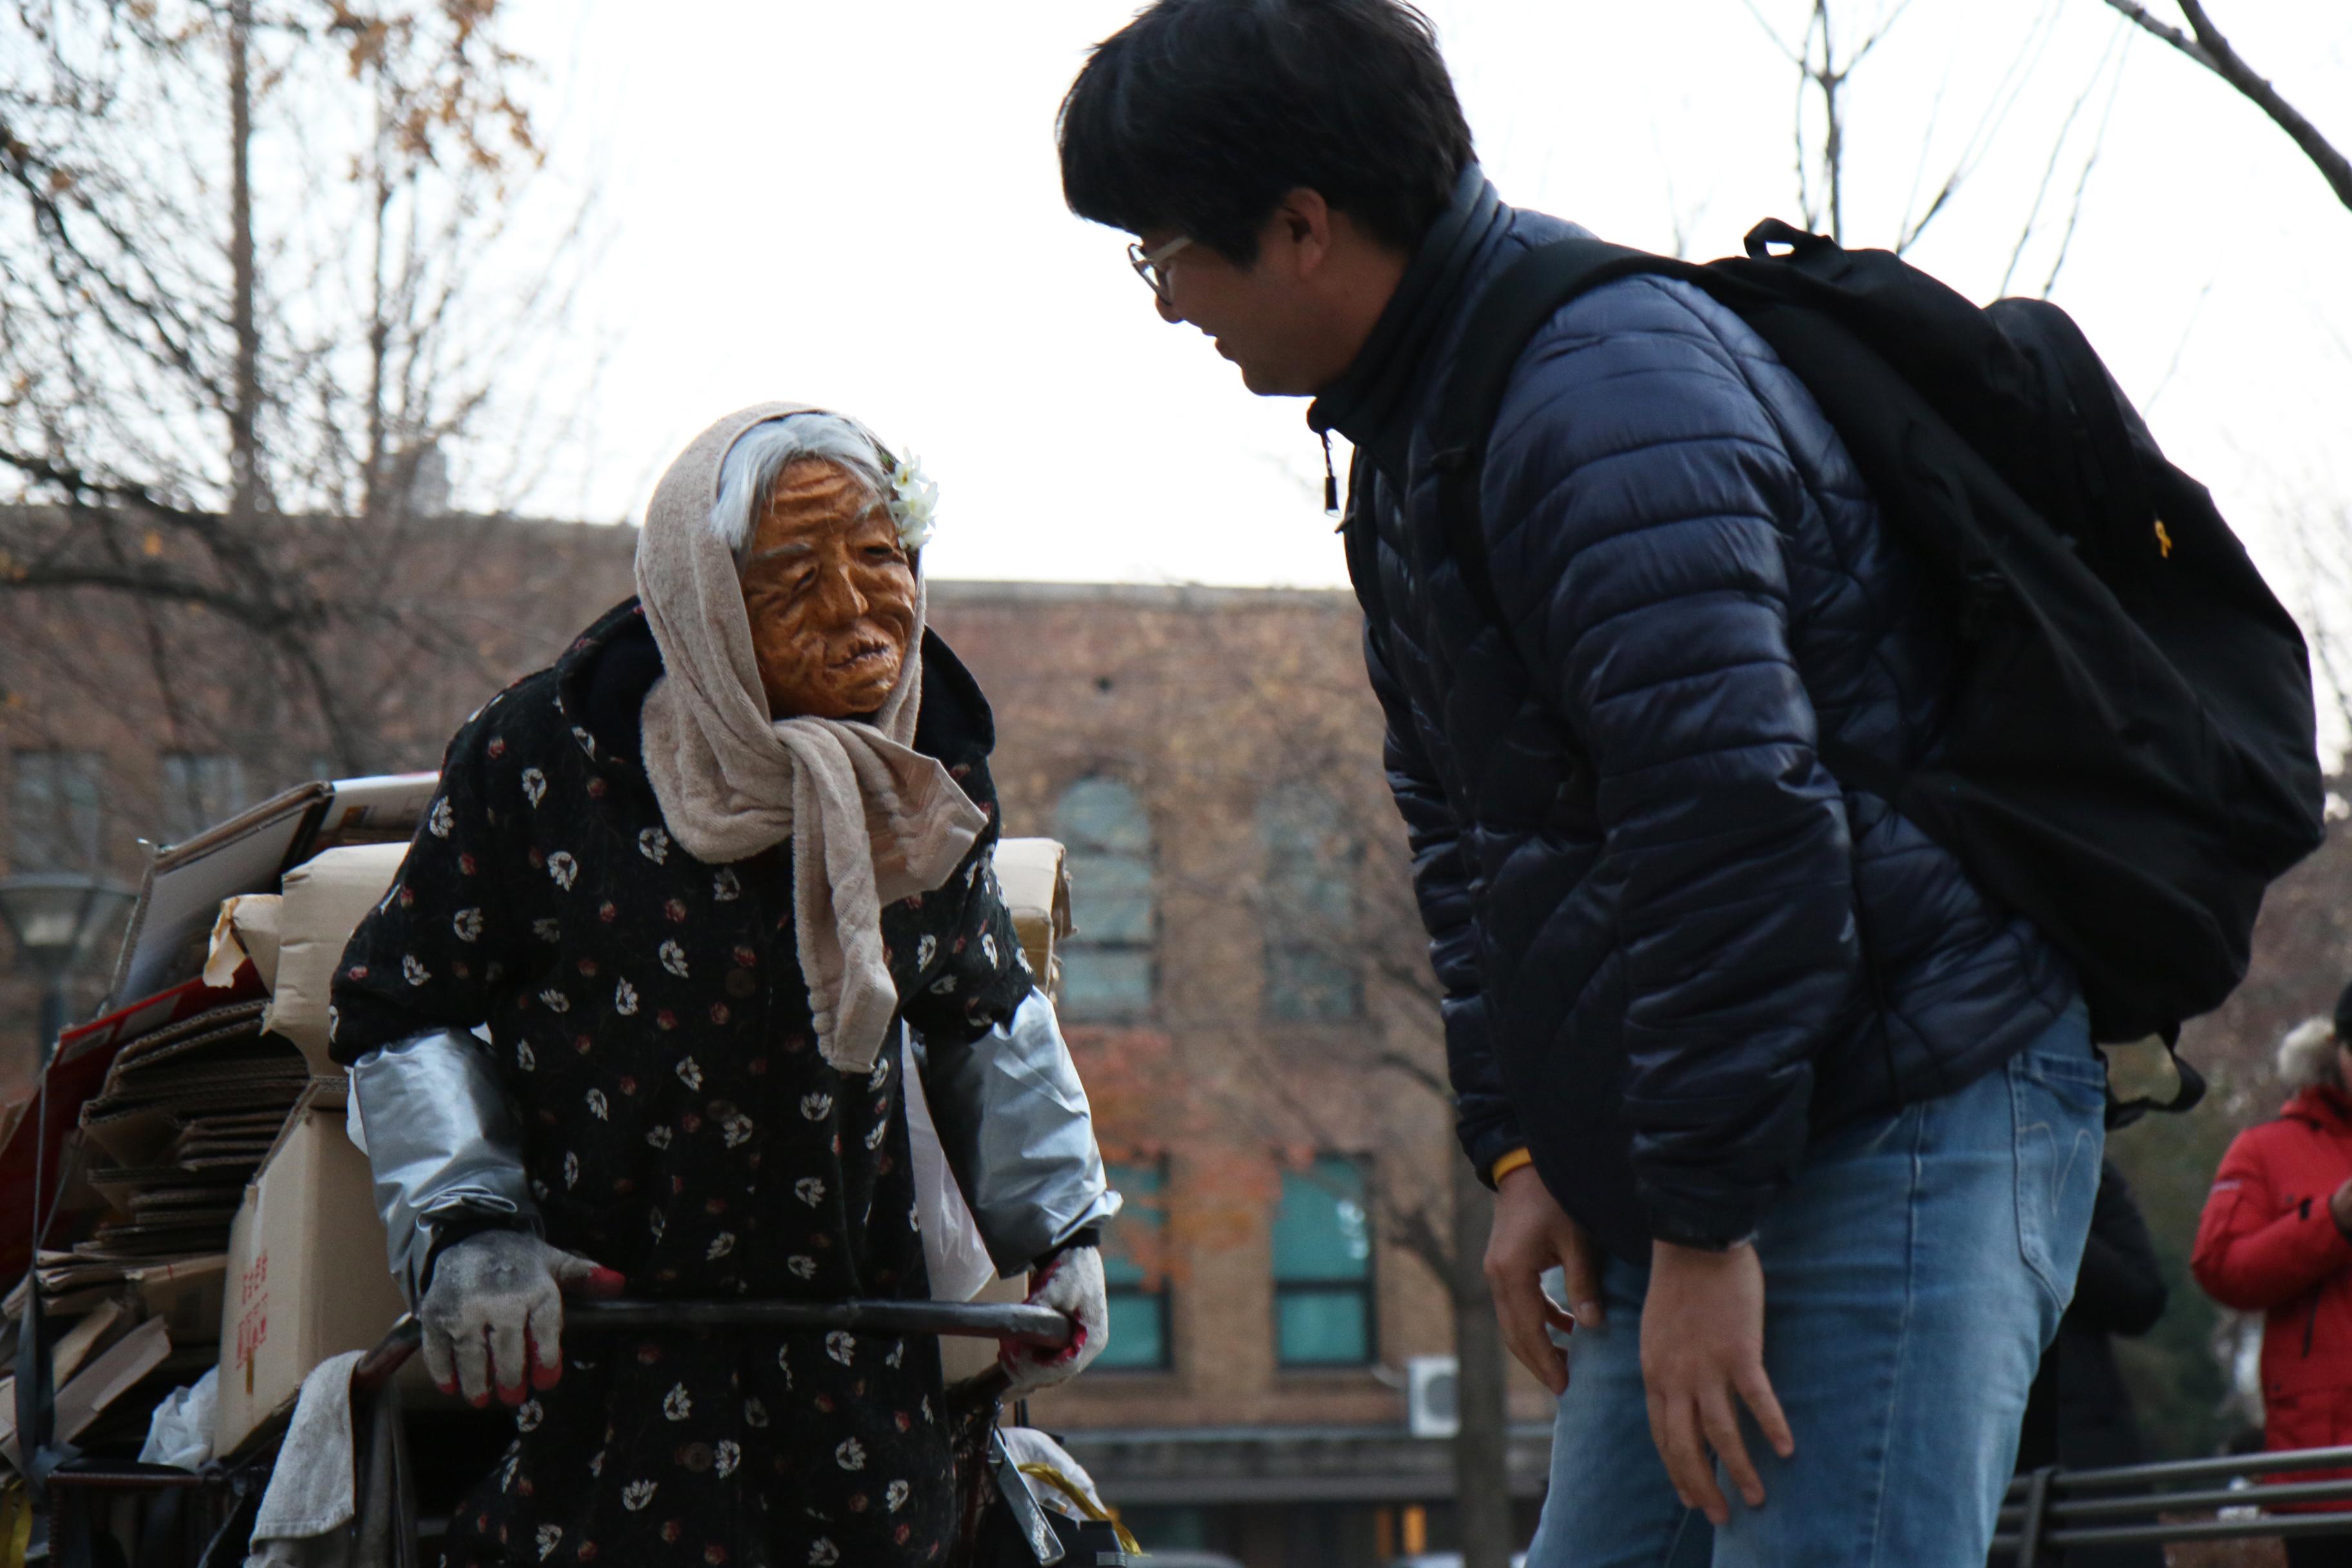 할머니 무얼 도와드릴까요?